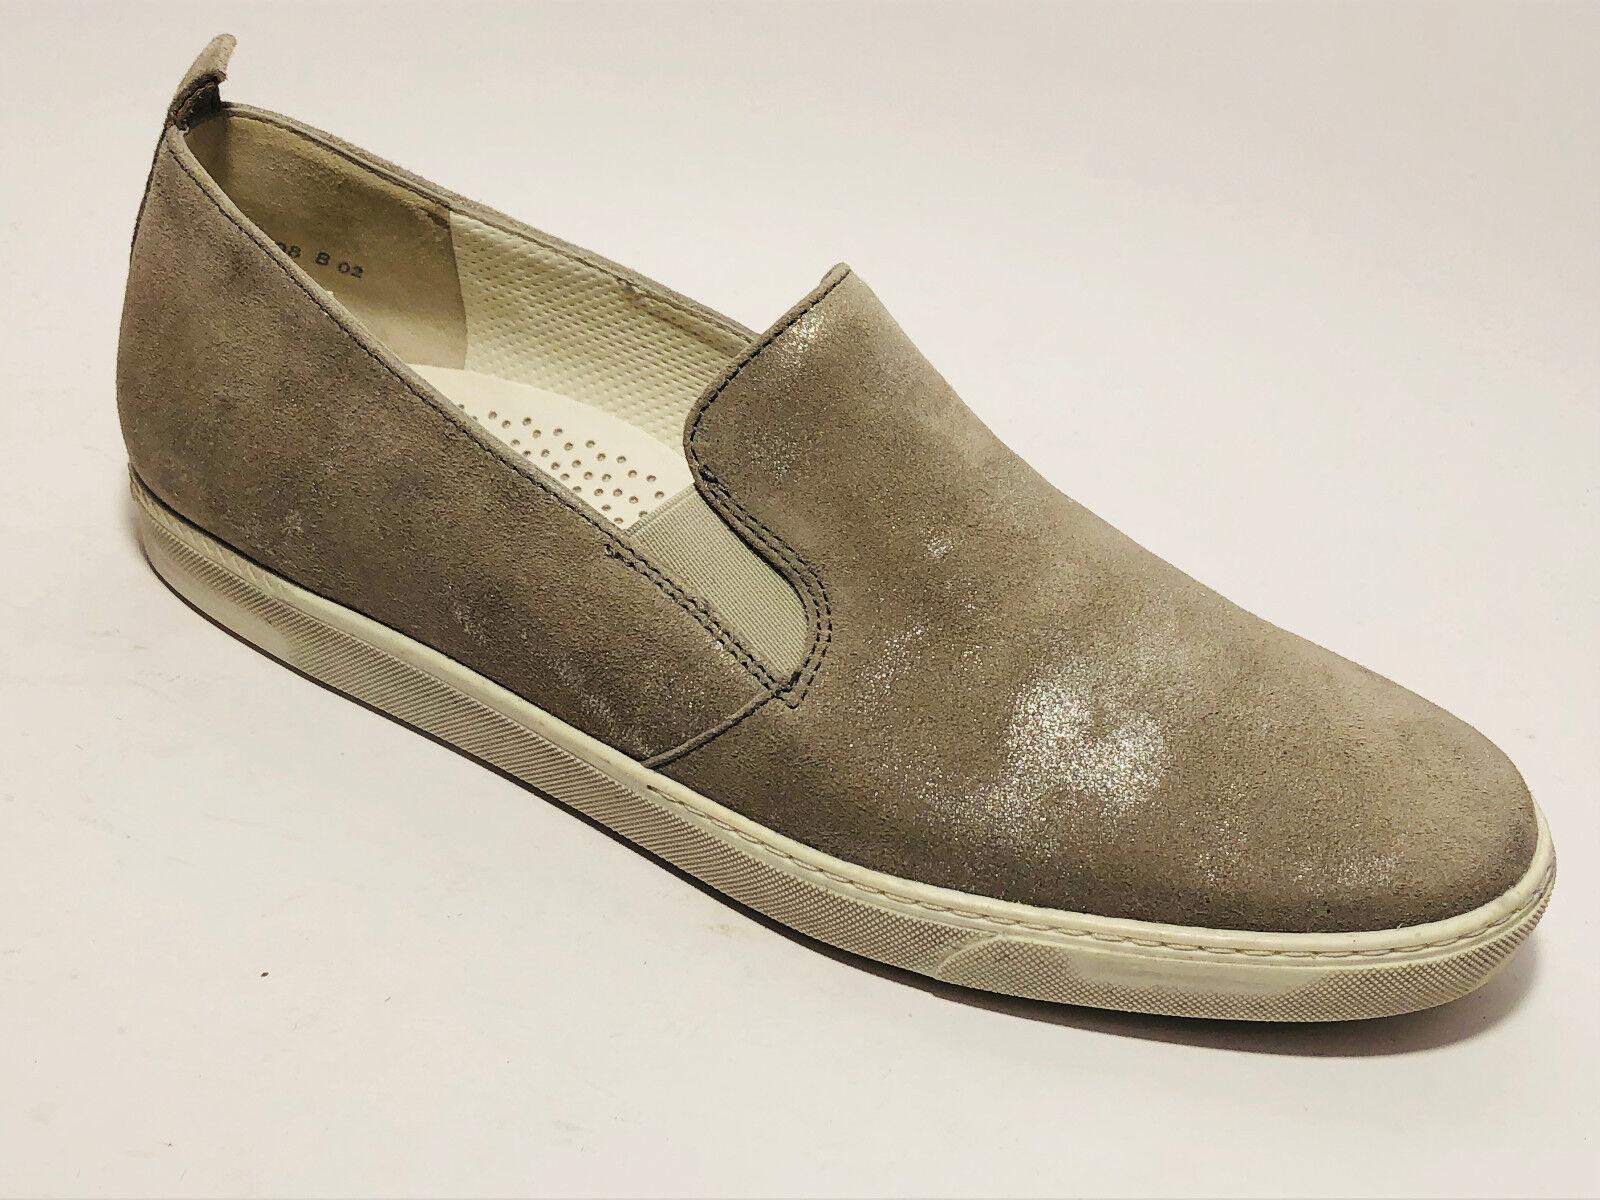 Paul vert Chaussures Tendance Cuir Pantoufles Taille 39 (UK 6) 6) 6) Antic Cuir Métallisé d6f45e